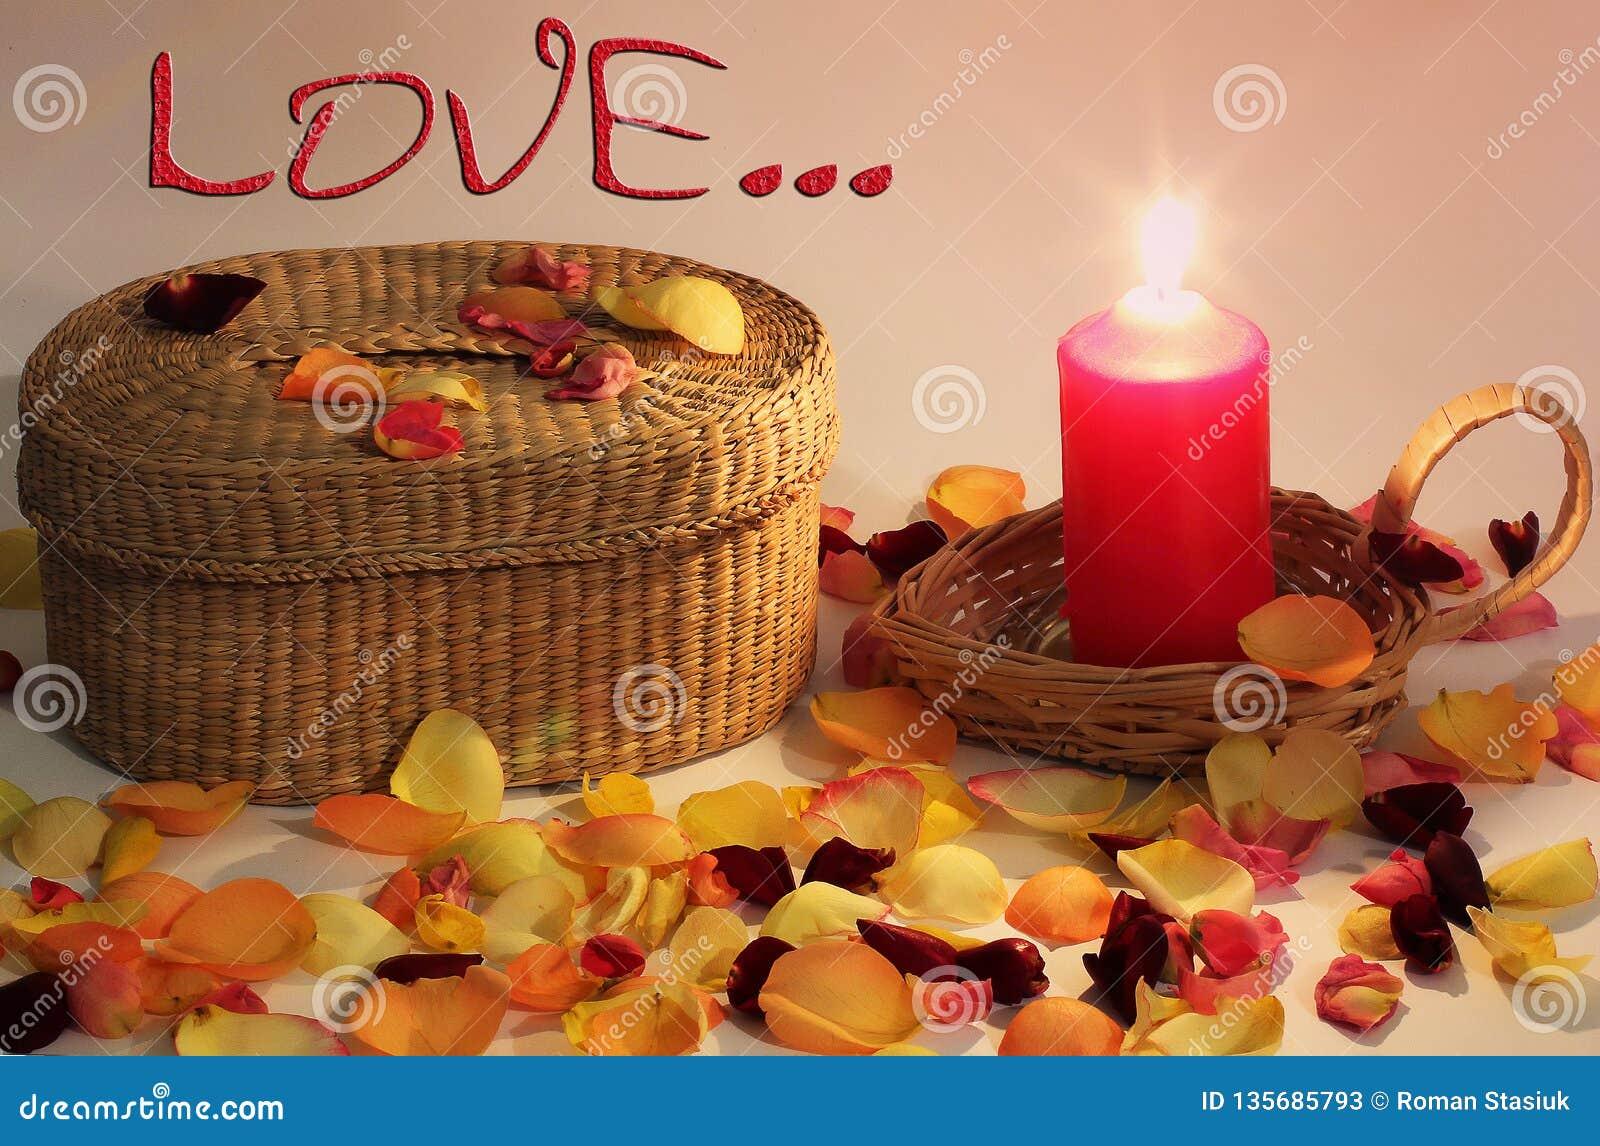 浪漫构成 爱 柳条筐和结辨的蜡烛和玫瑰花瓣